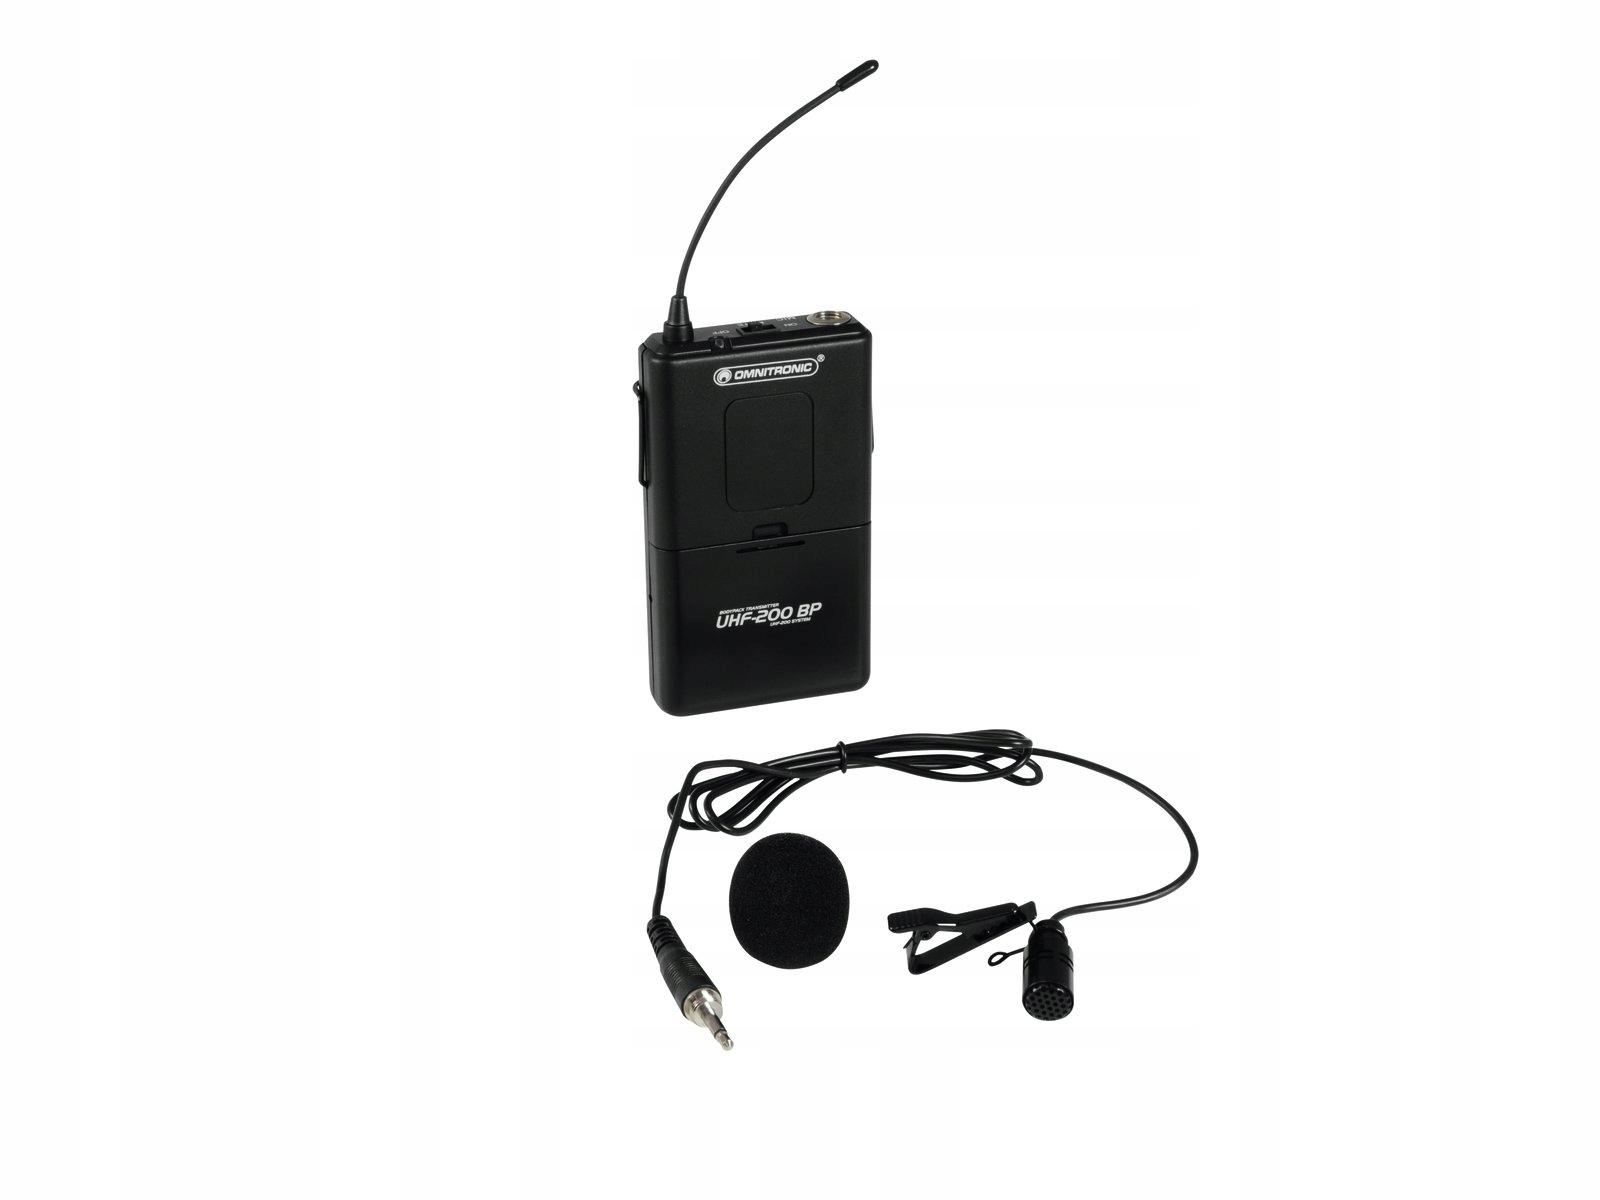 Omnitronic UHF-200 BP BodyPack / vysielač 824,925MHz